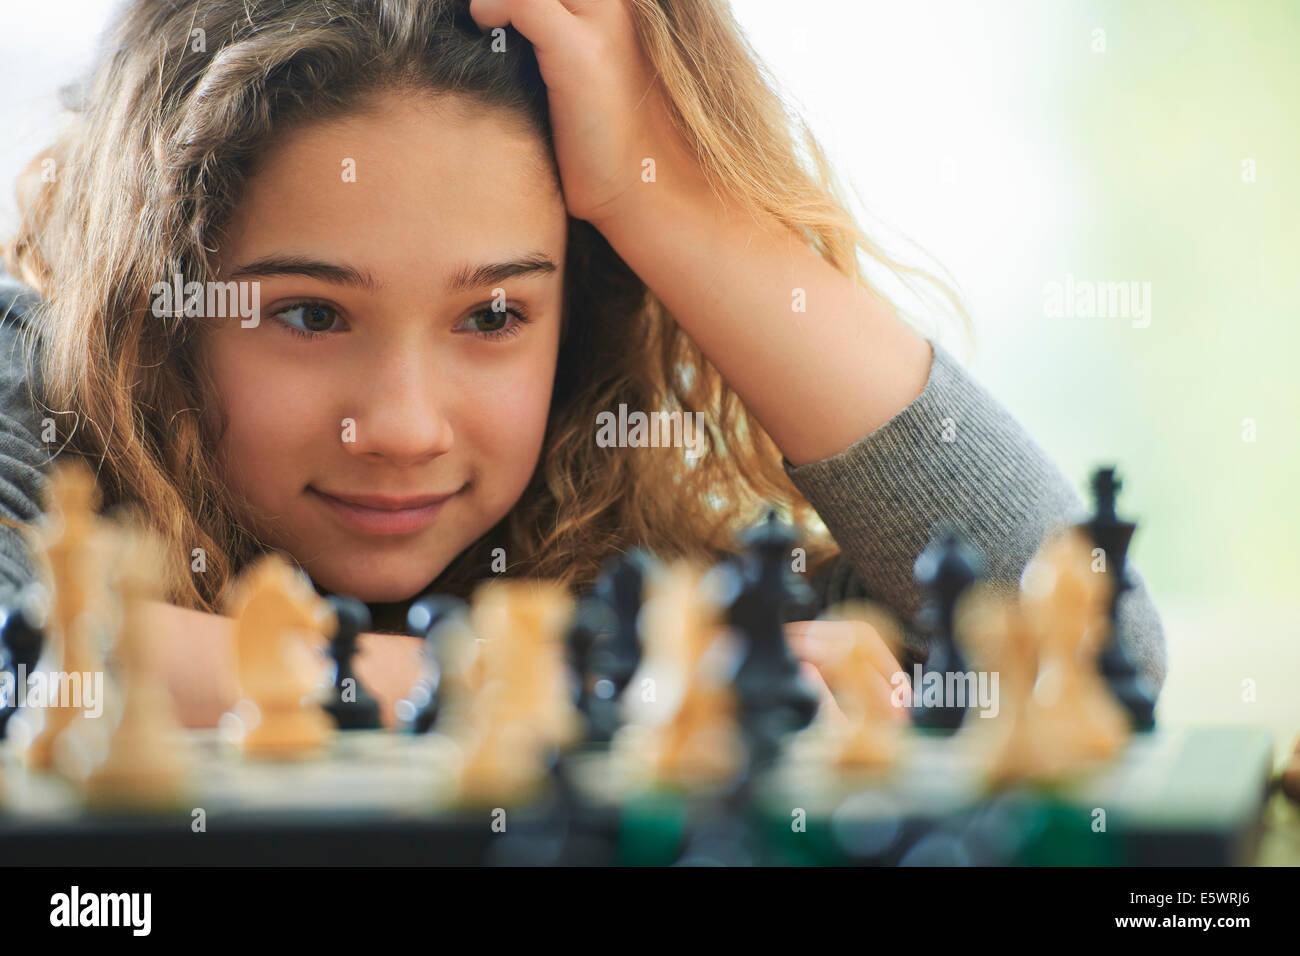 Ritratto di giovane ragazza che gioca a scacchi Foto Stock